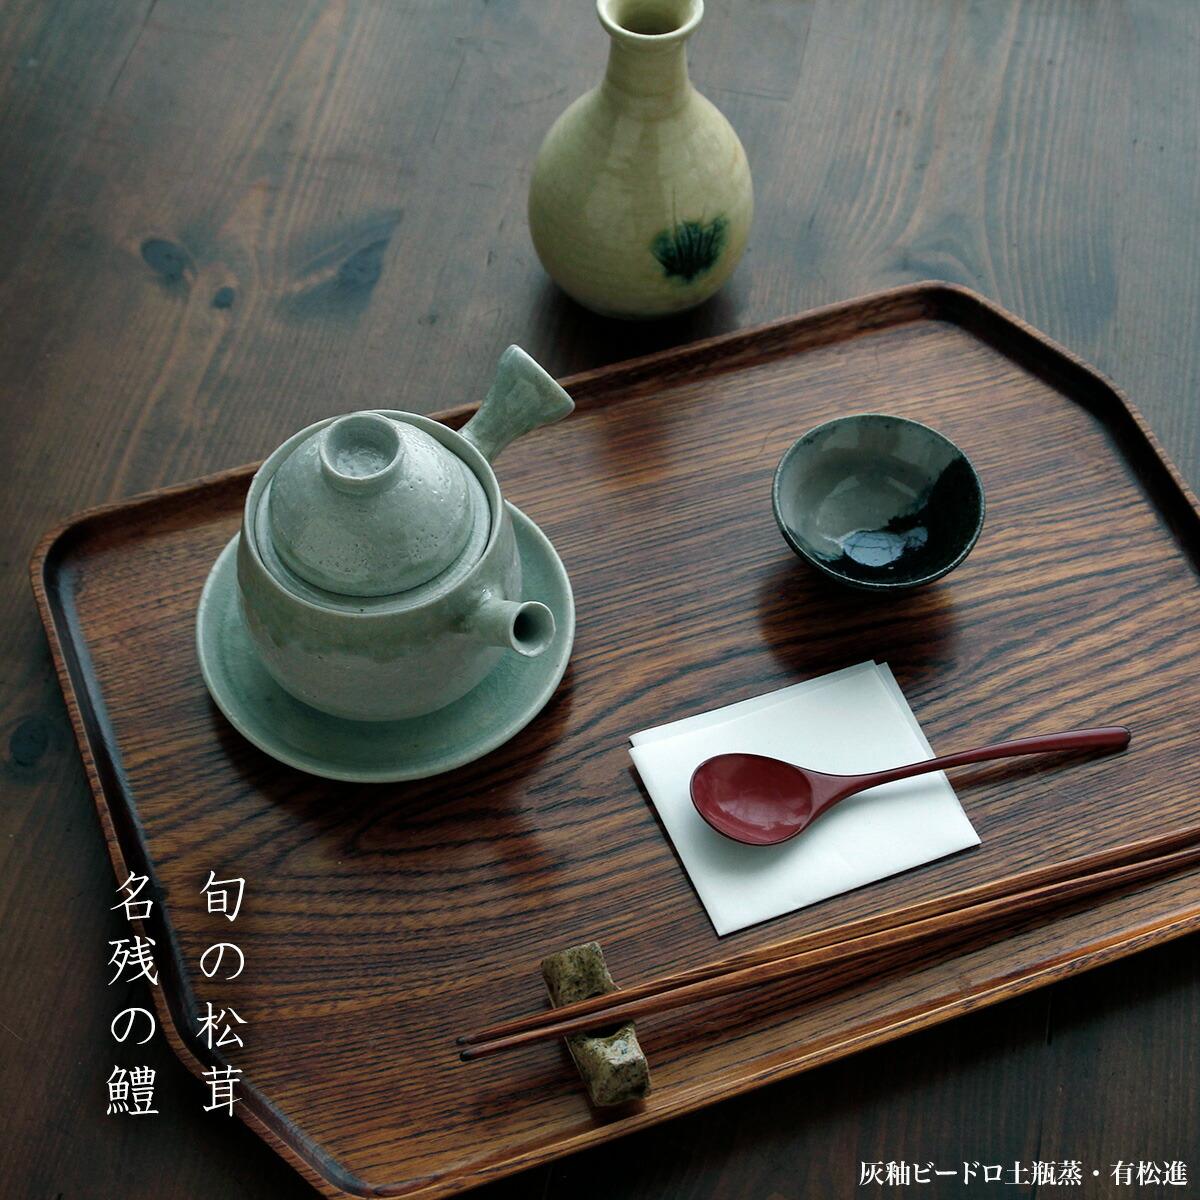 灰釉土瓶蒸 杉本寿樹・土瓶蒸しの器|和食器の愉しみ・工芸店ようび